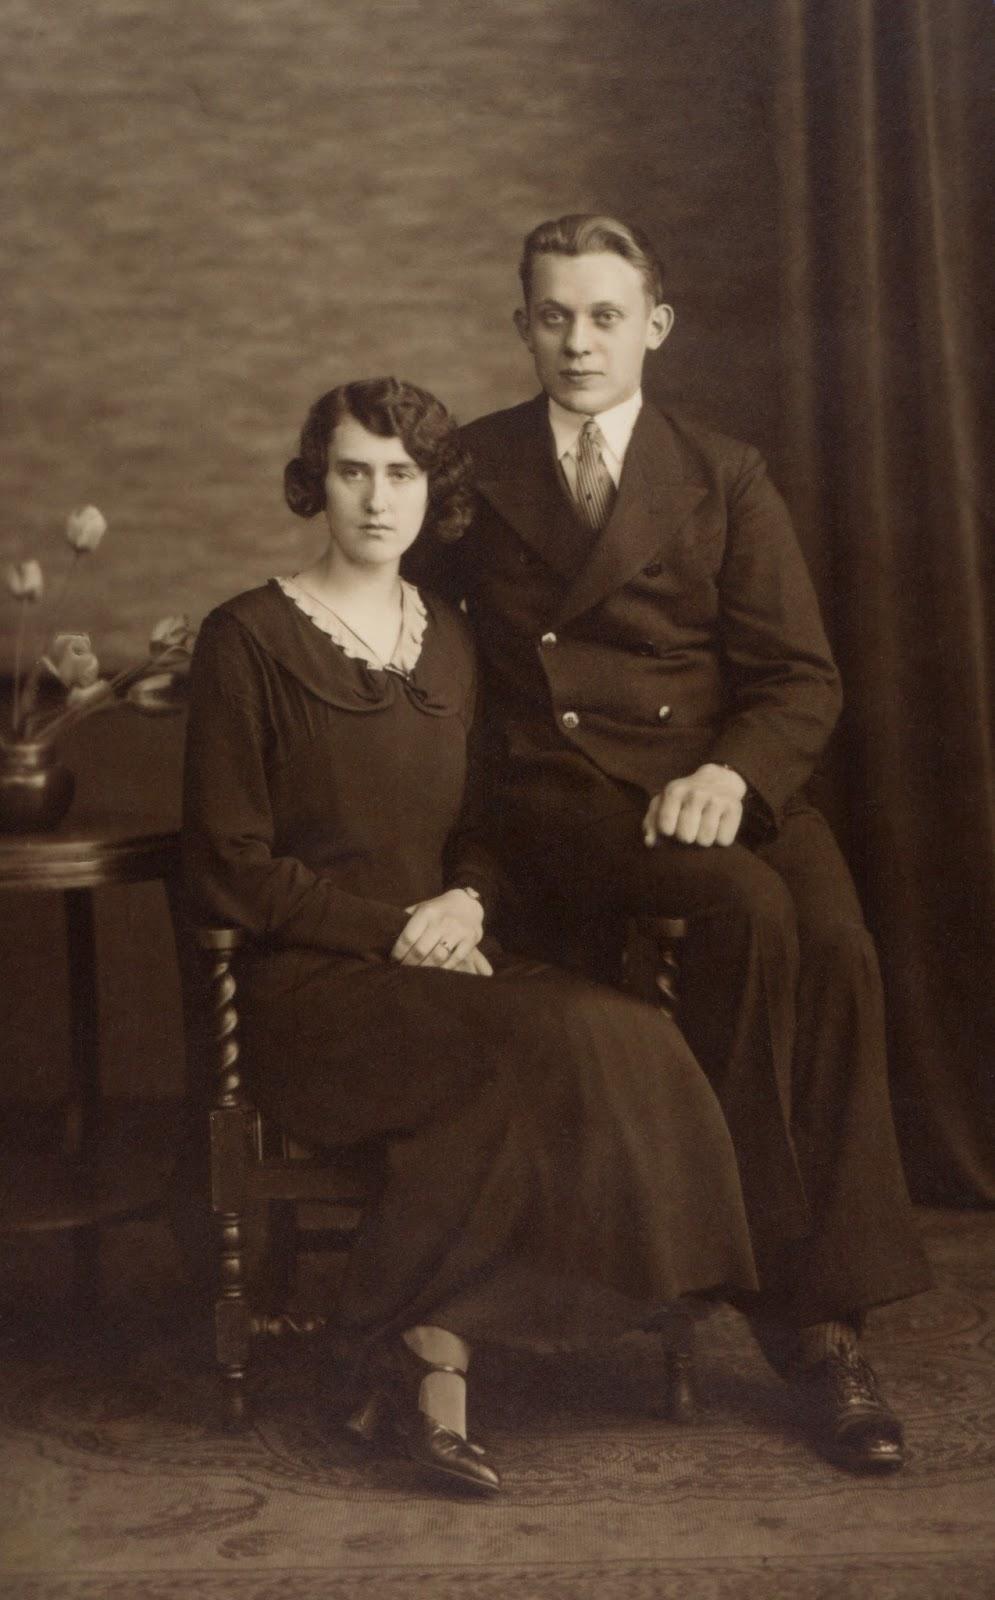 herinneringen aan een opa en oma die je nooit gekend hebt